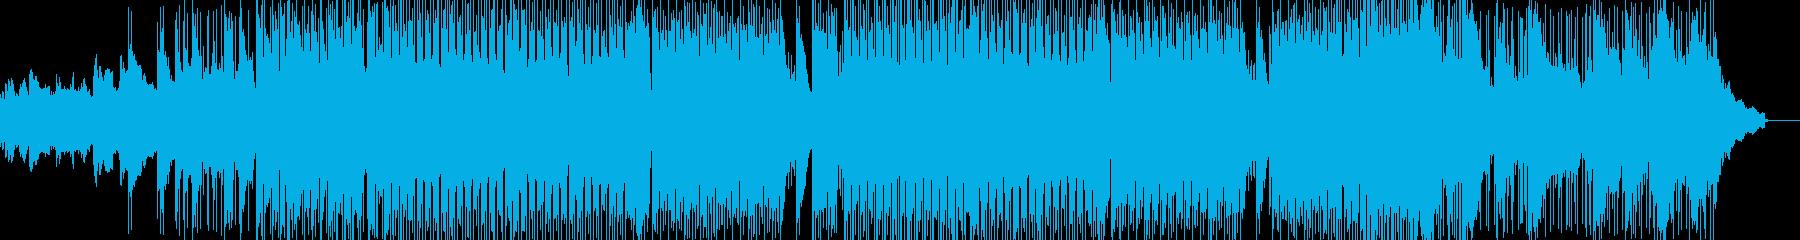 美しいピアソロ、悲しげ三拍子のバラードの再生済みの波形